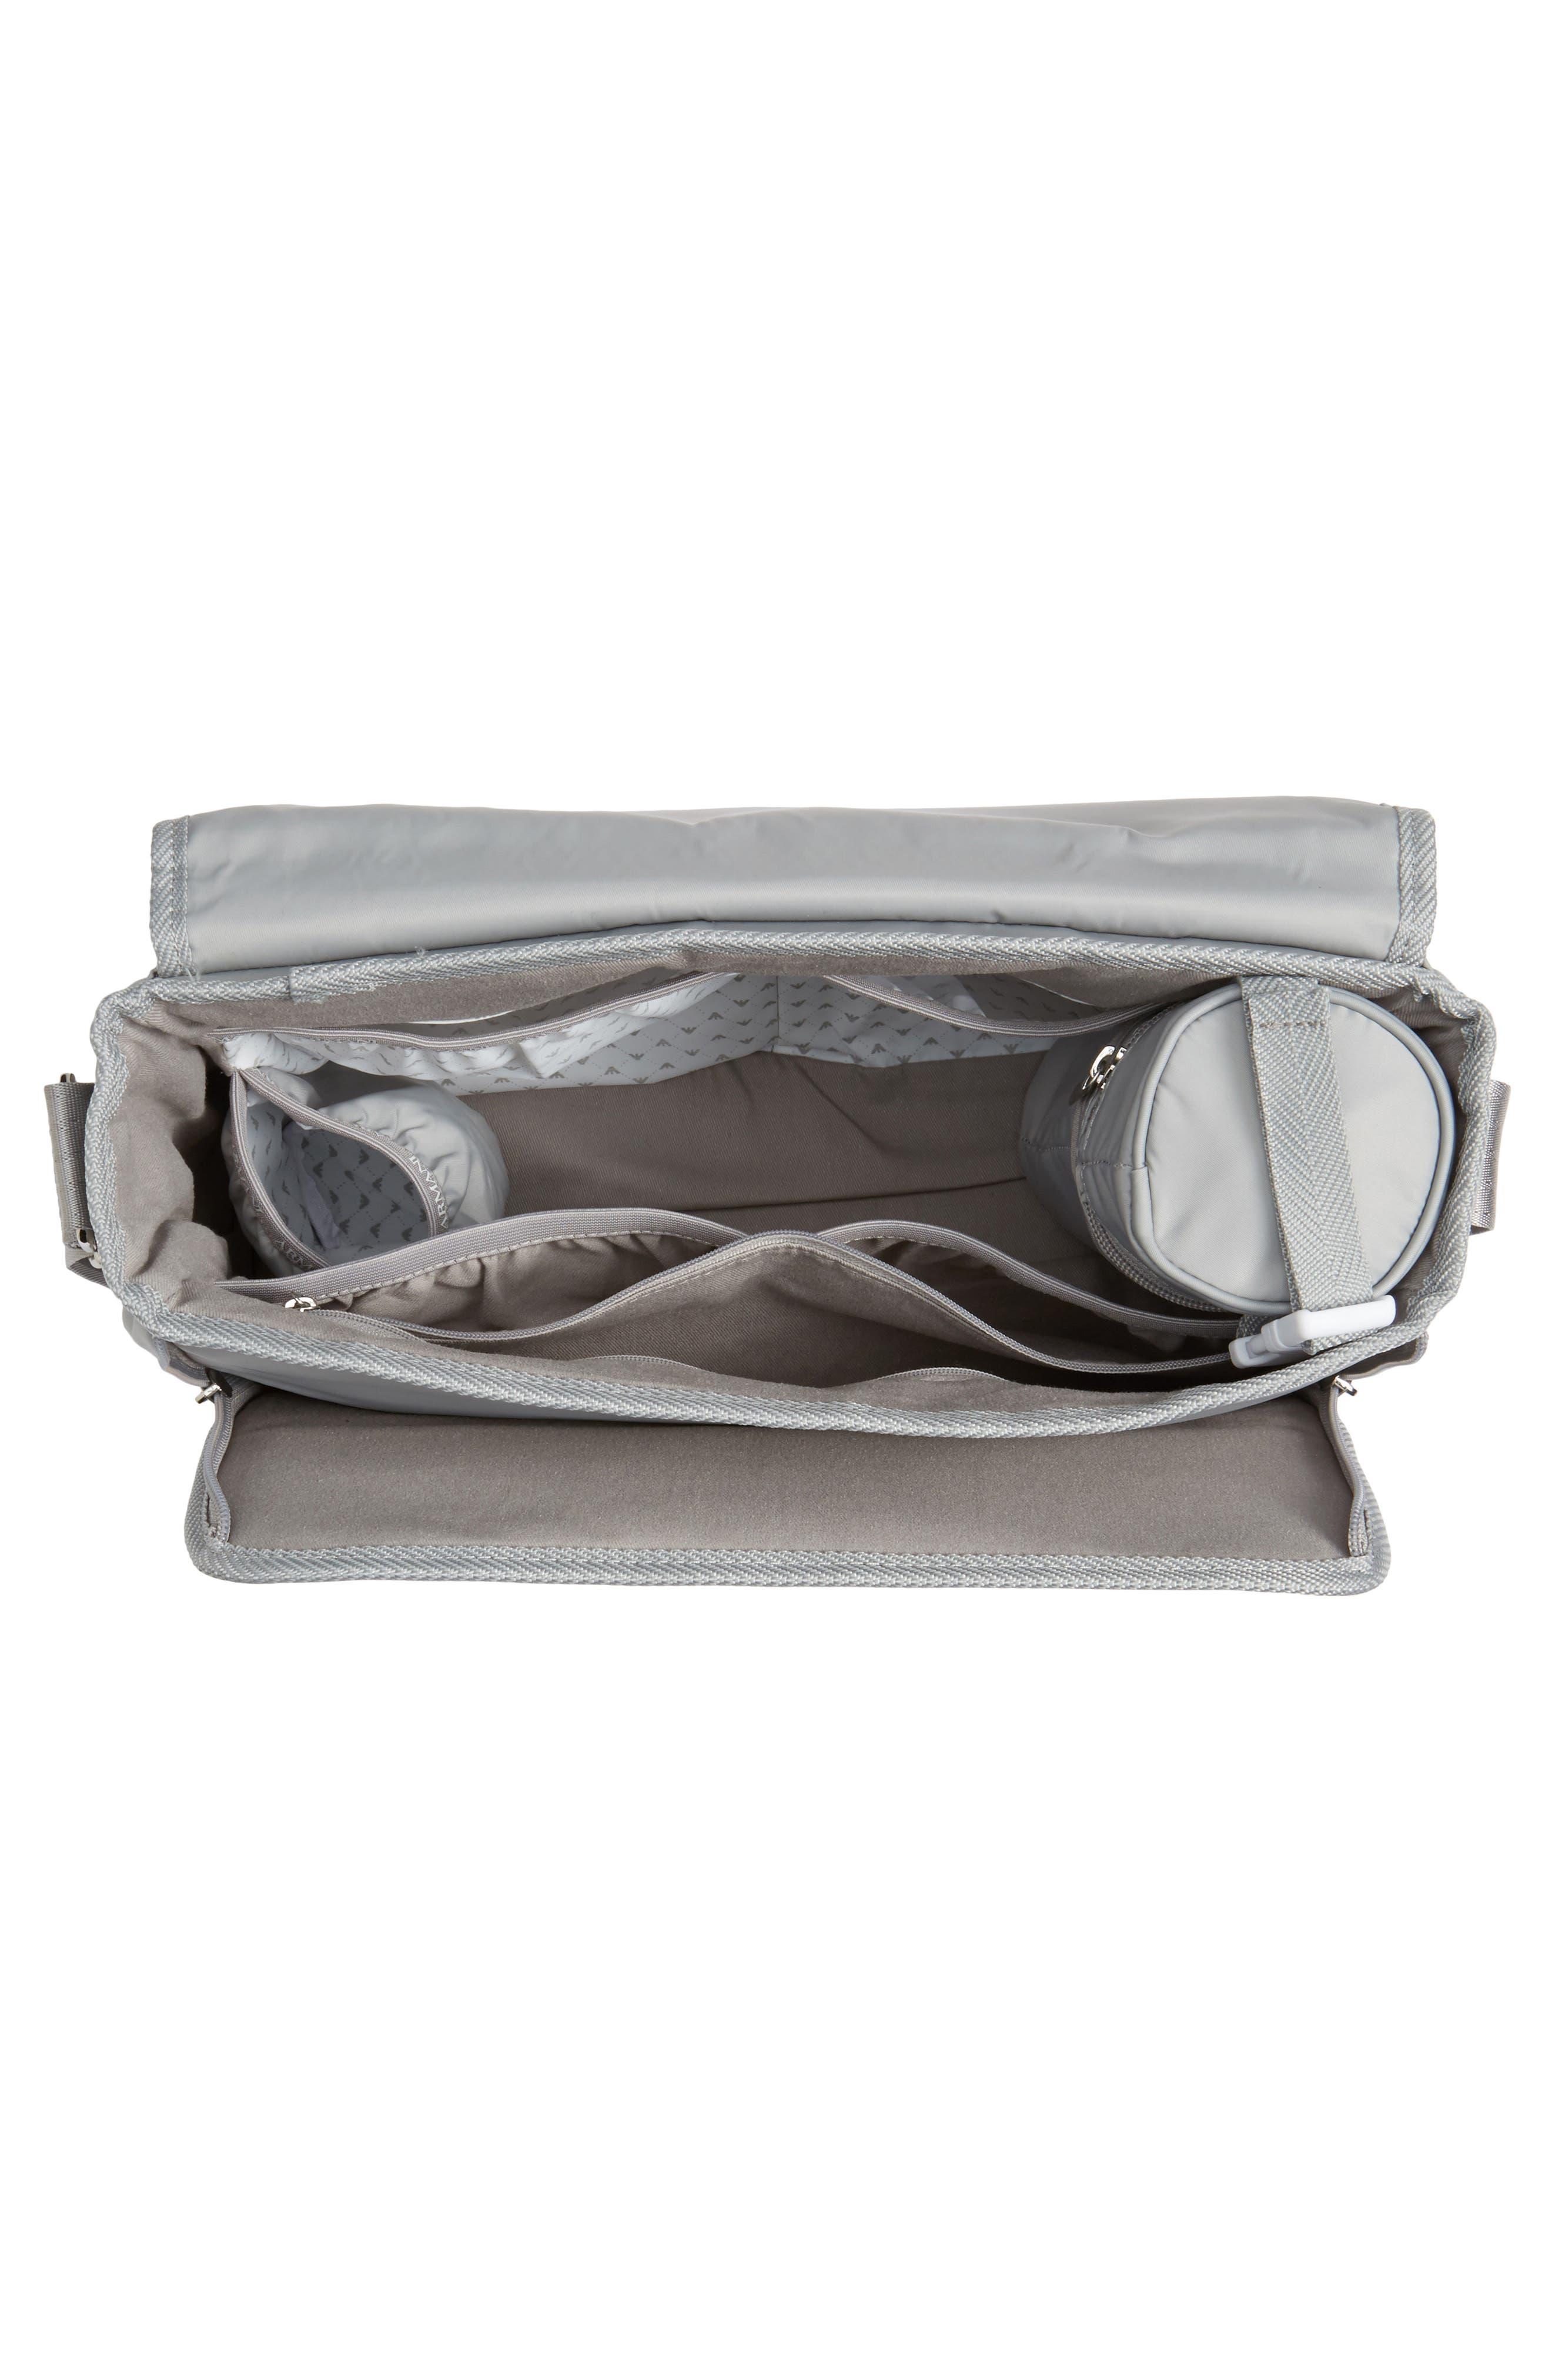 Nylon Messenger Diaper Bag,                             Alternate thumbnail 4, color,                             054